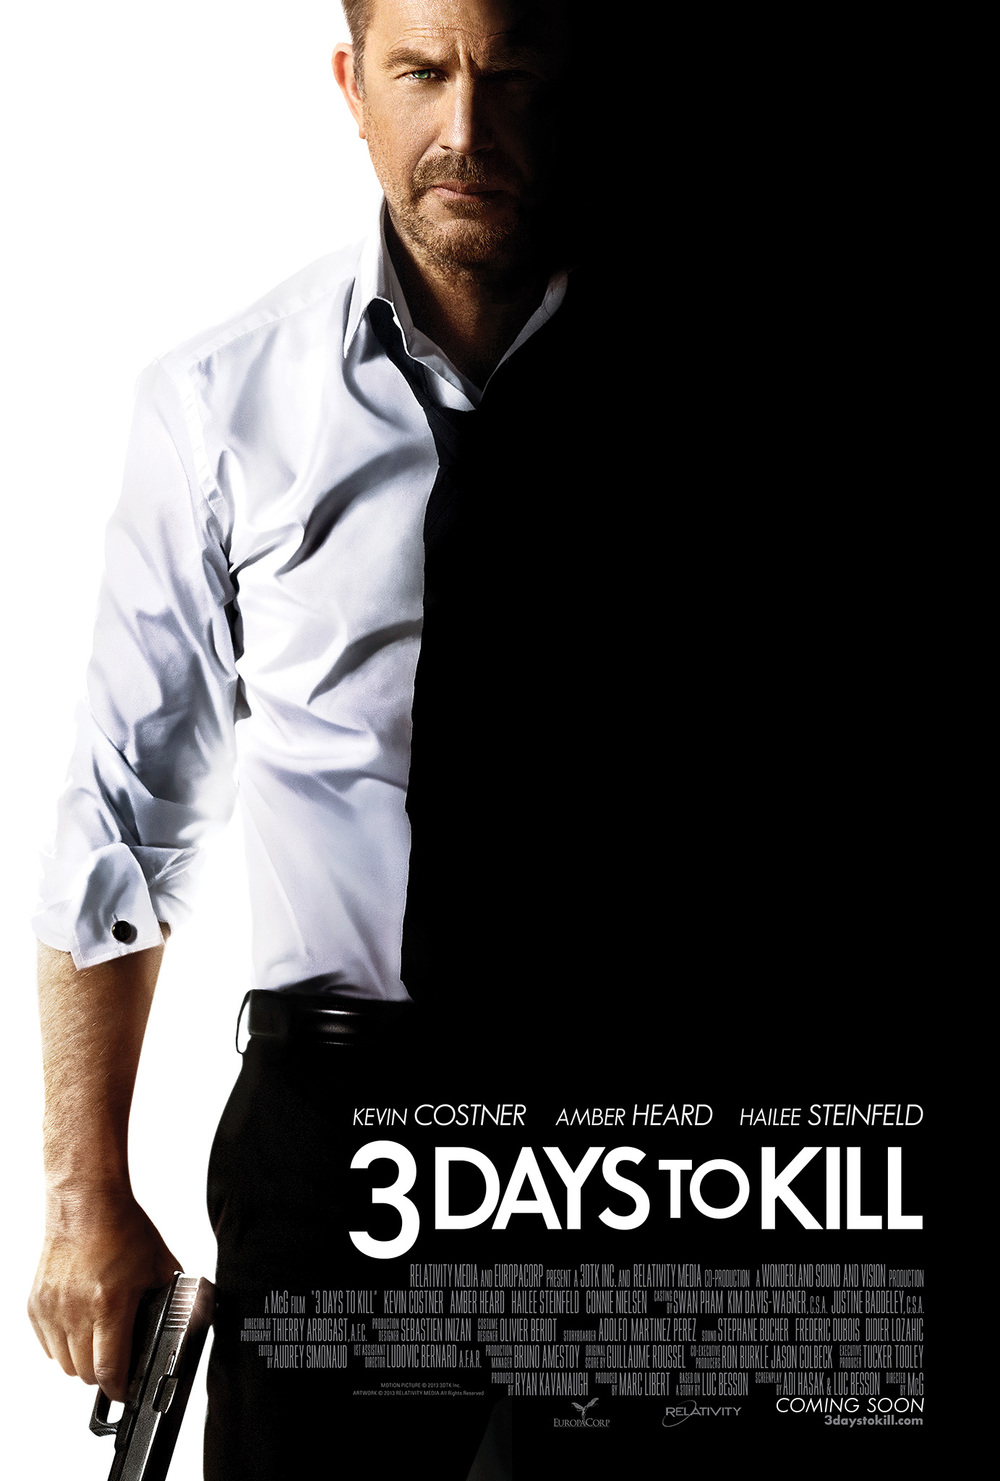 3daystokill_poster.jpg